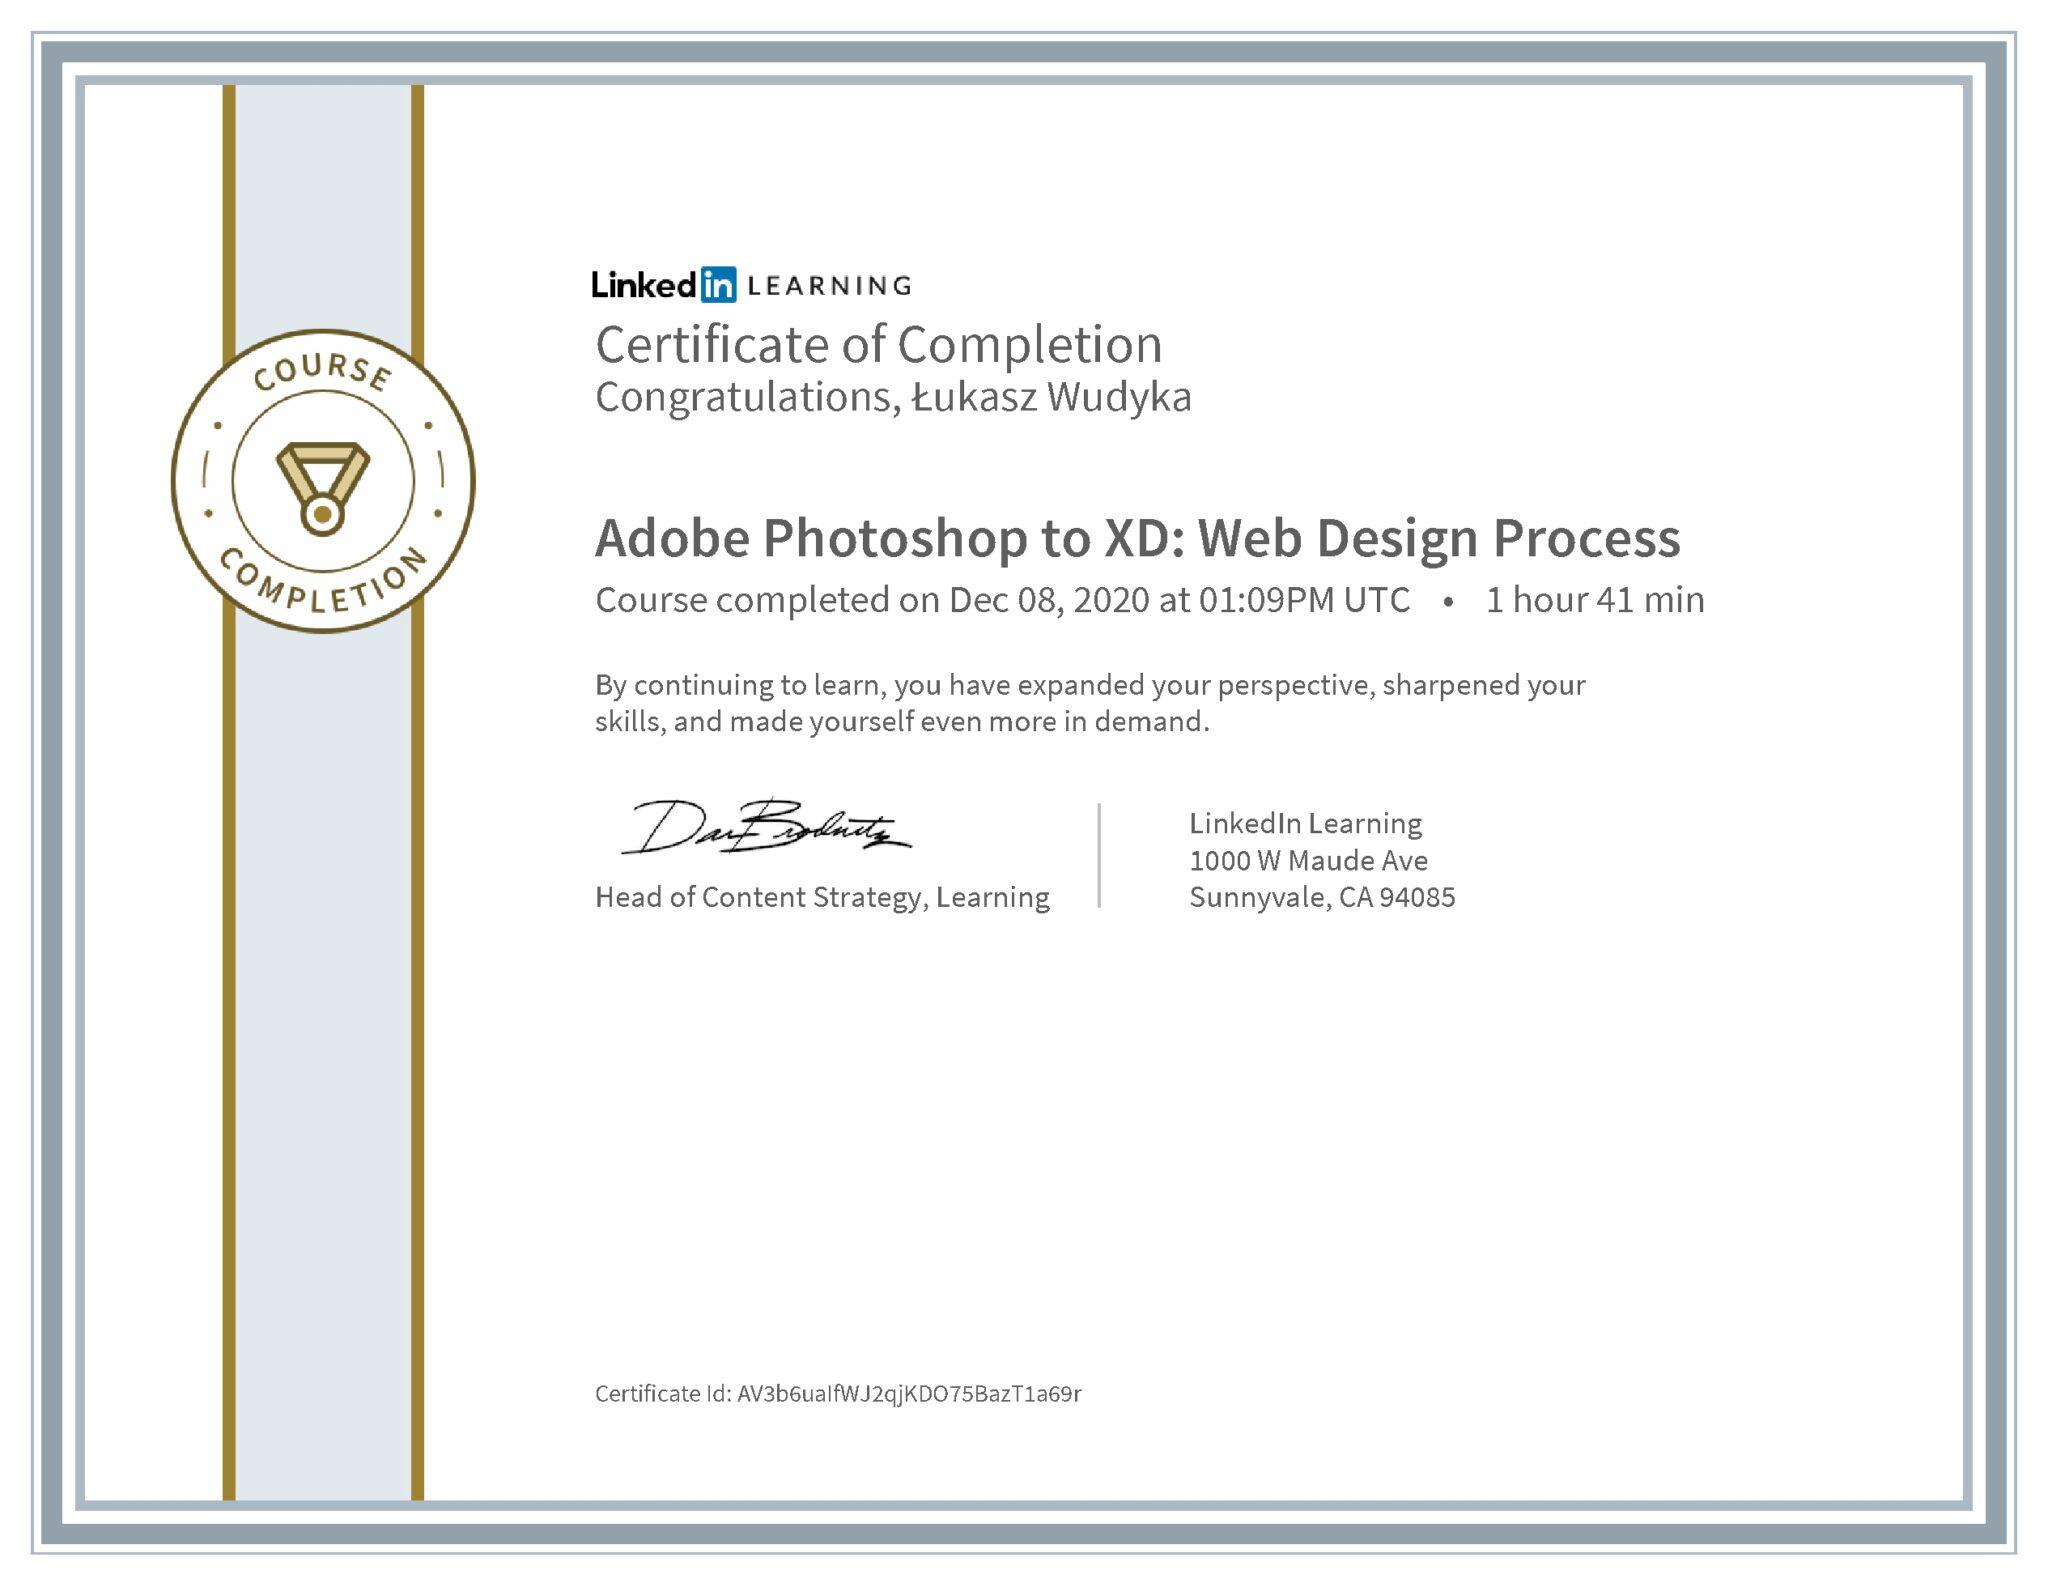 Łukasz Wudyka certyfikat LinkedIn Adobe Photoshop to XD: Web Design Process